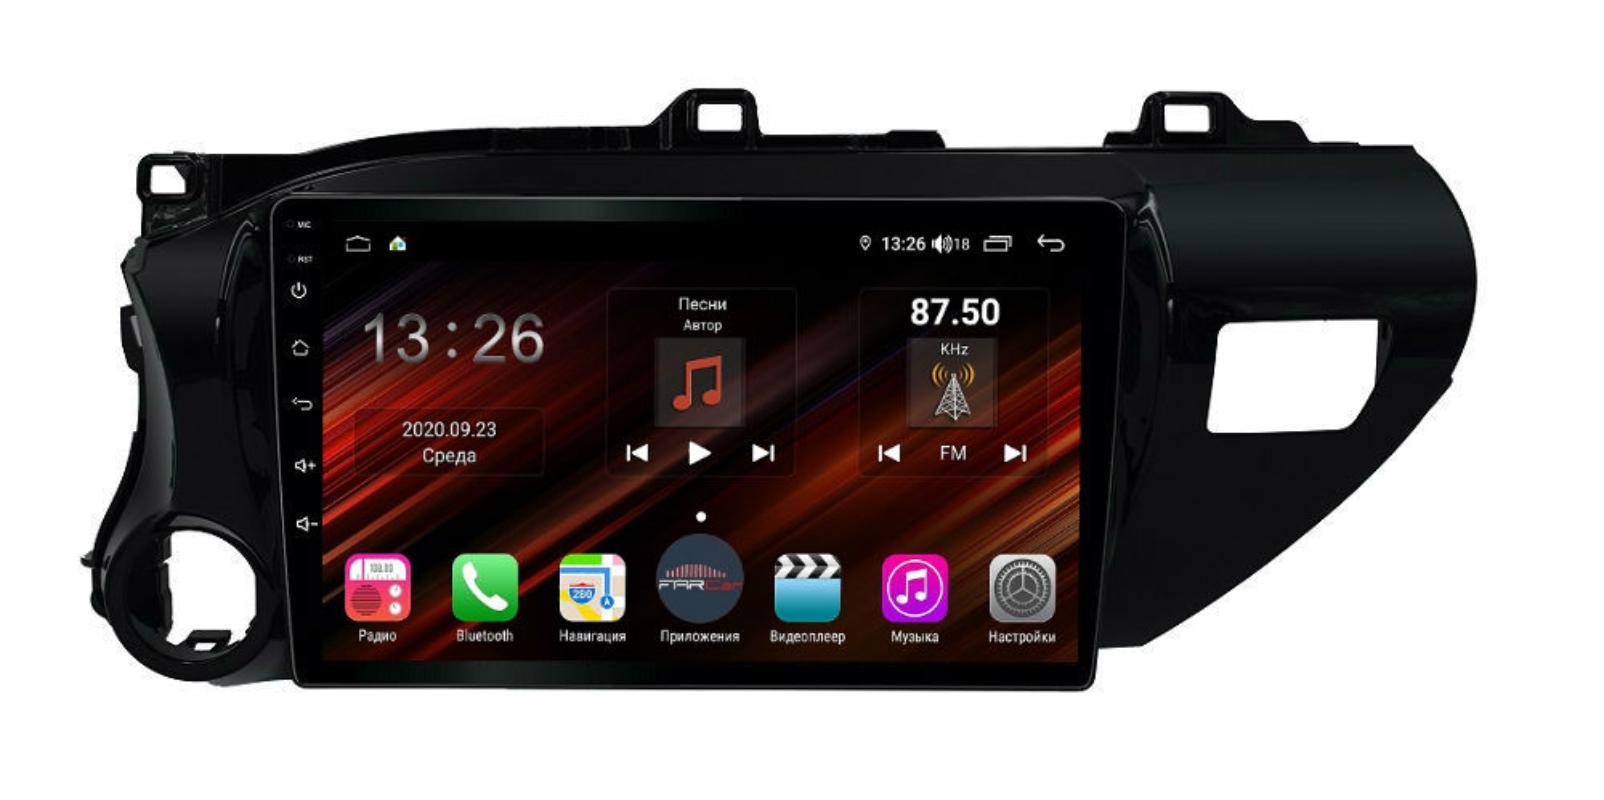 Штатная магнитола FarCar s400 Super HD для Toyota Hilux на Android (XH1077R) (+ Камера заднего вида в подарок!)